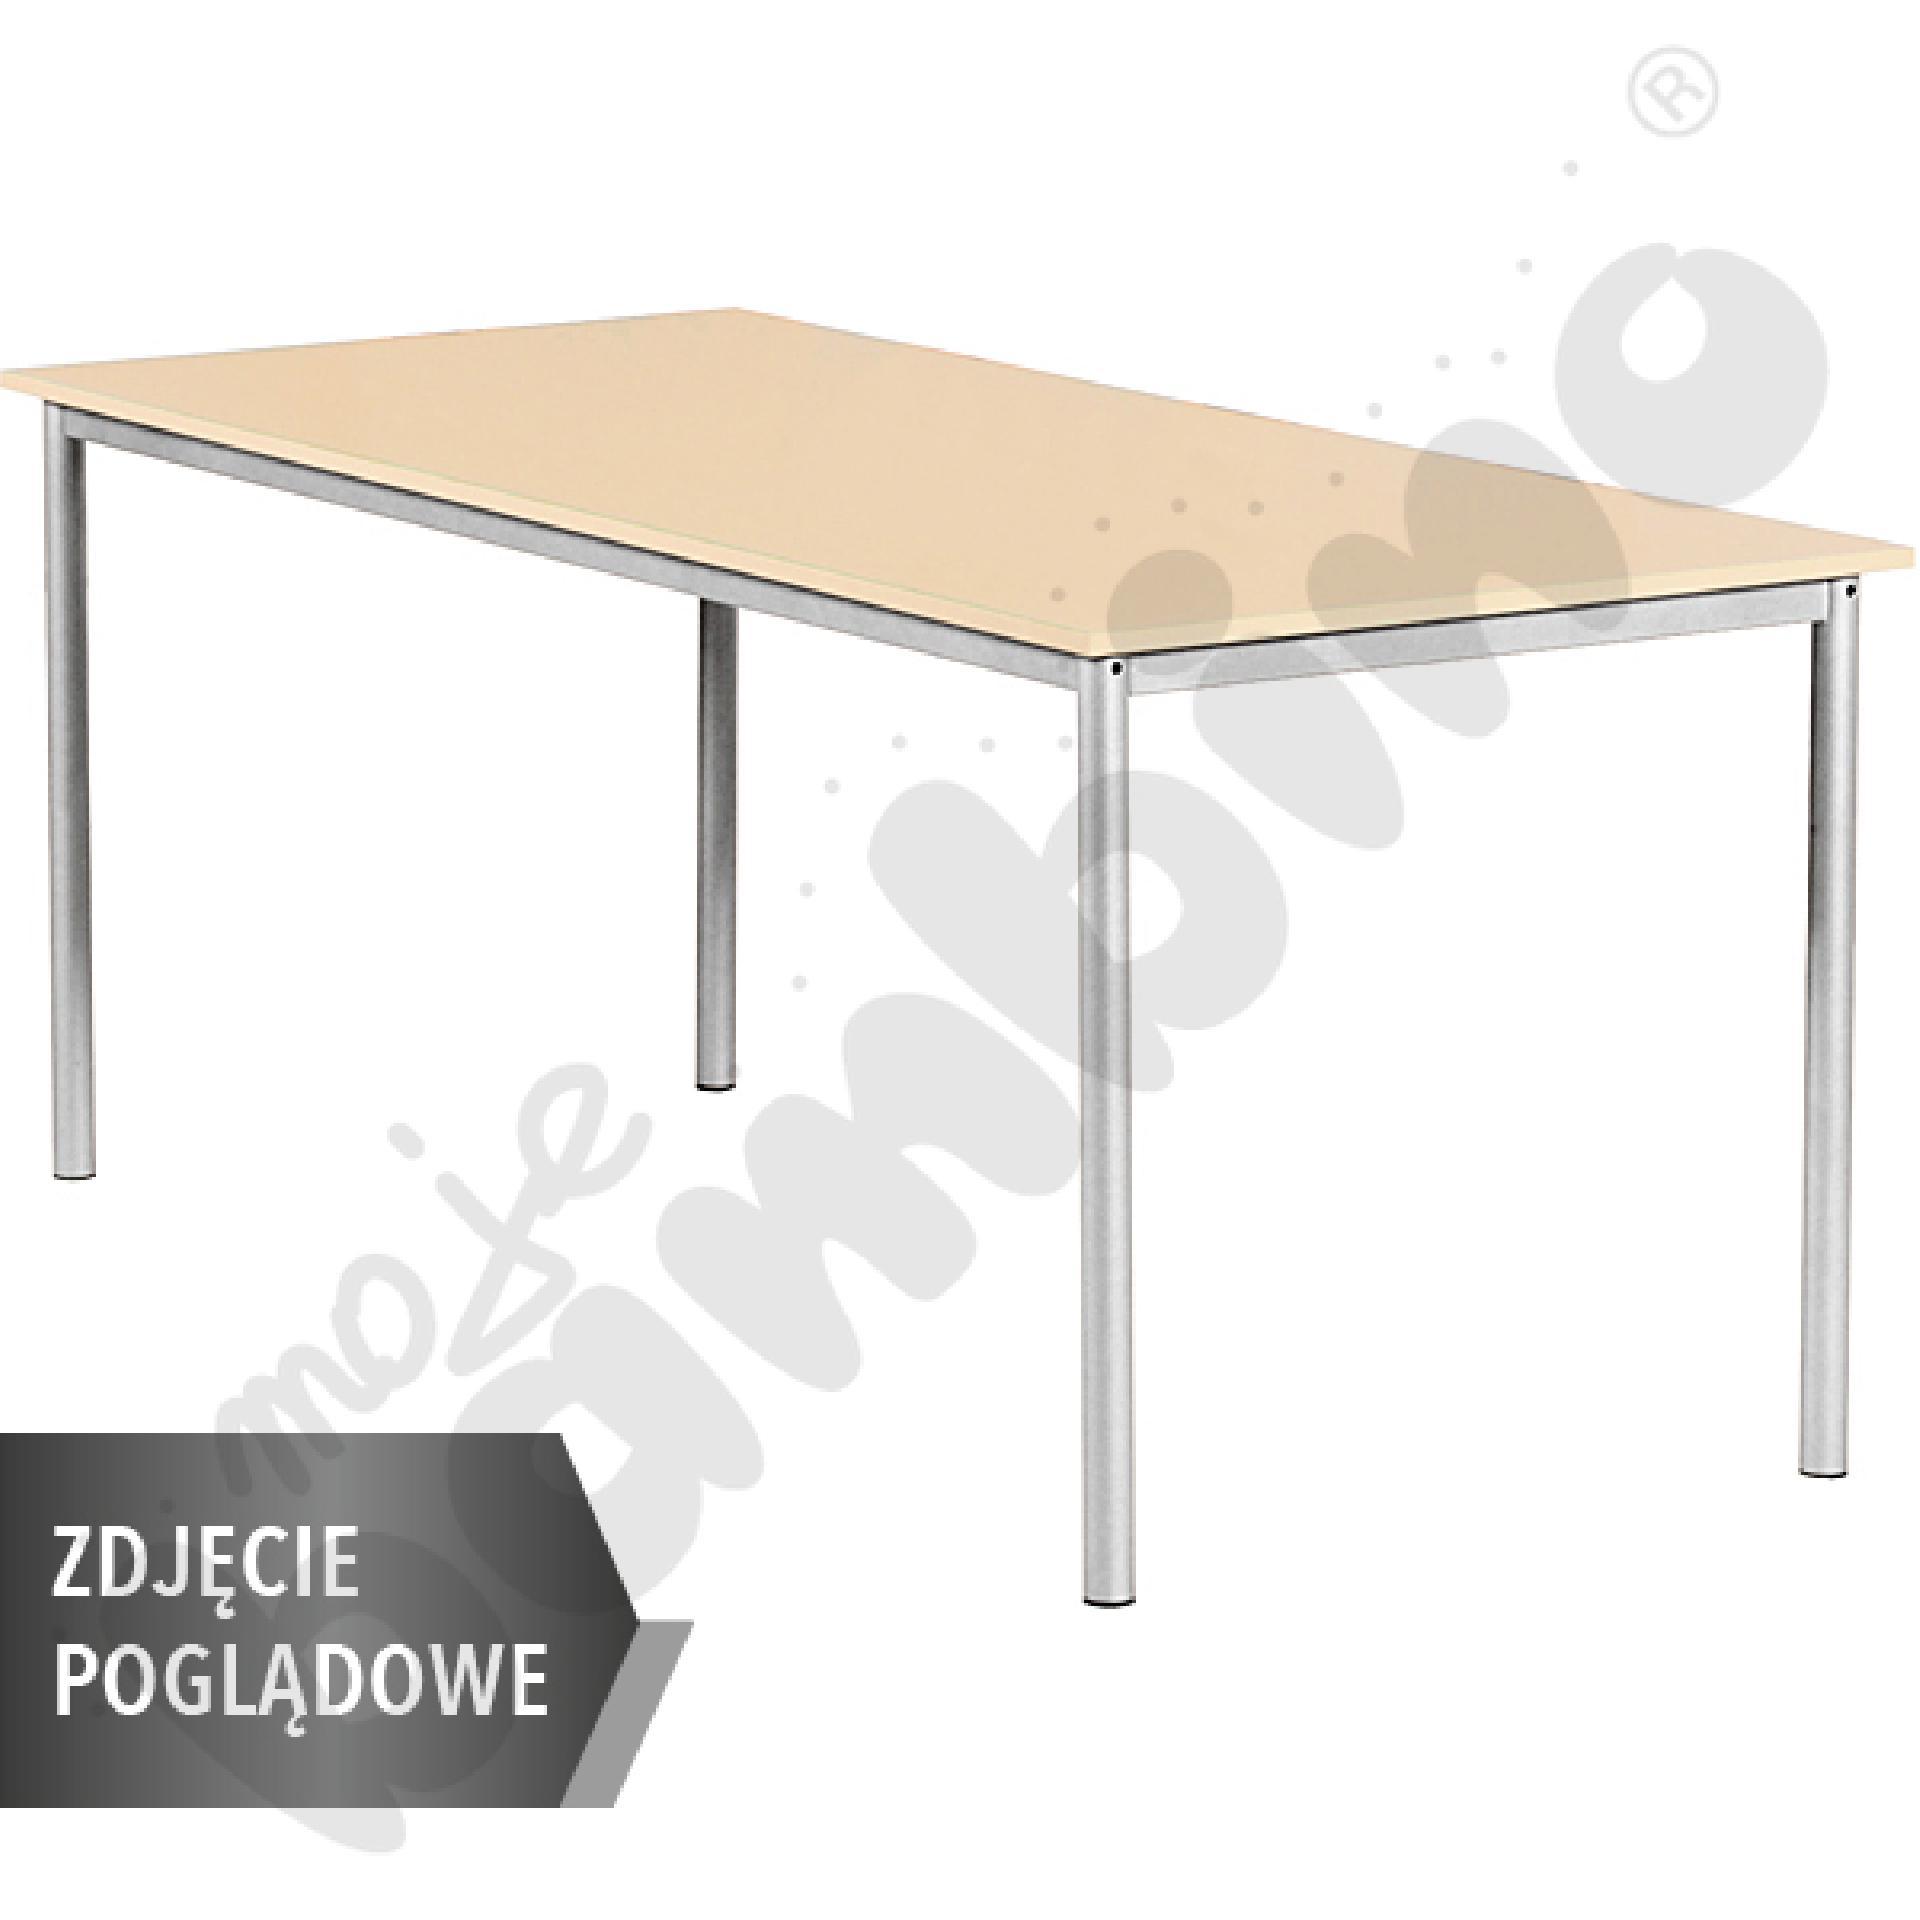 Stół Mila 160x80 rozm. 5, 8os., stelaż aluminium, blat biały, obrzeże ABS, narożniki proste